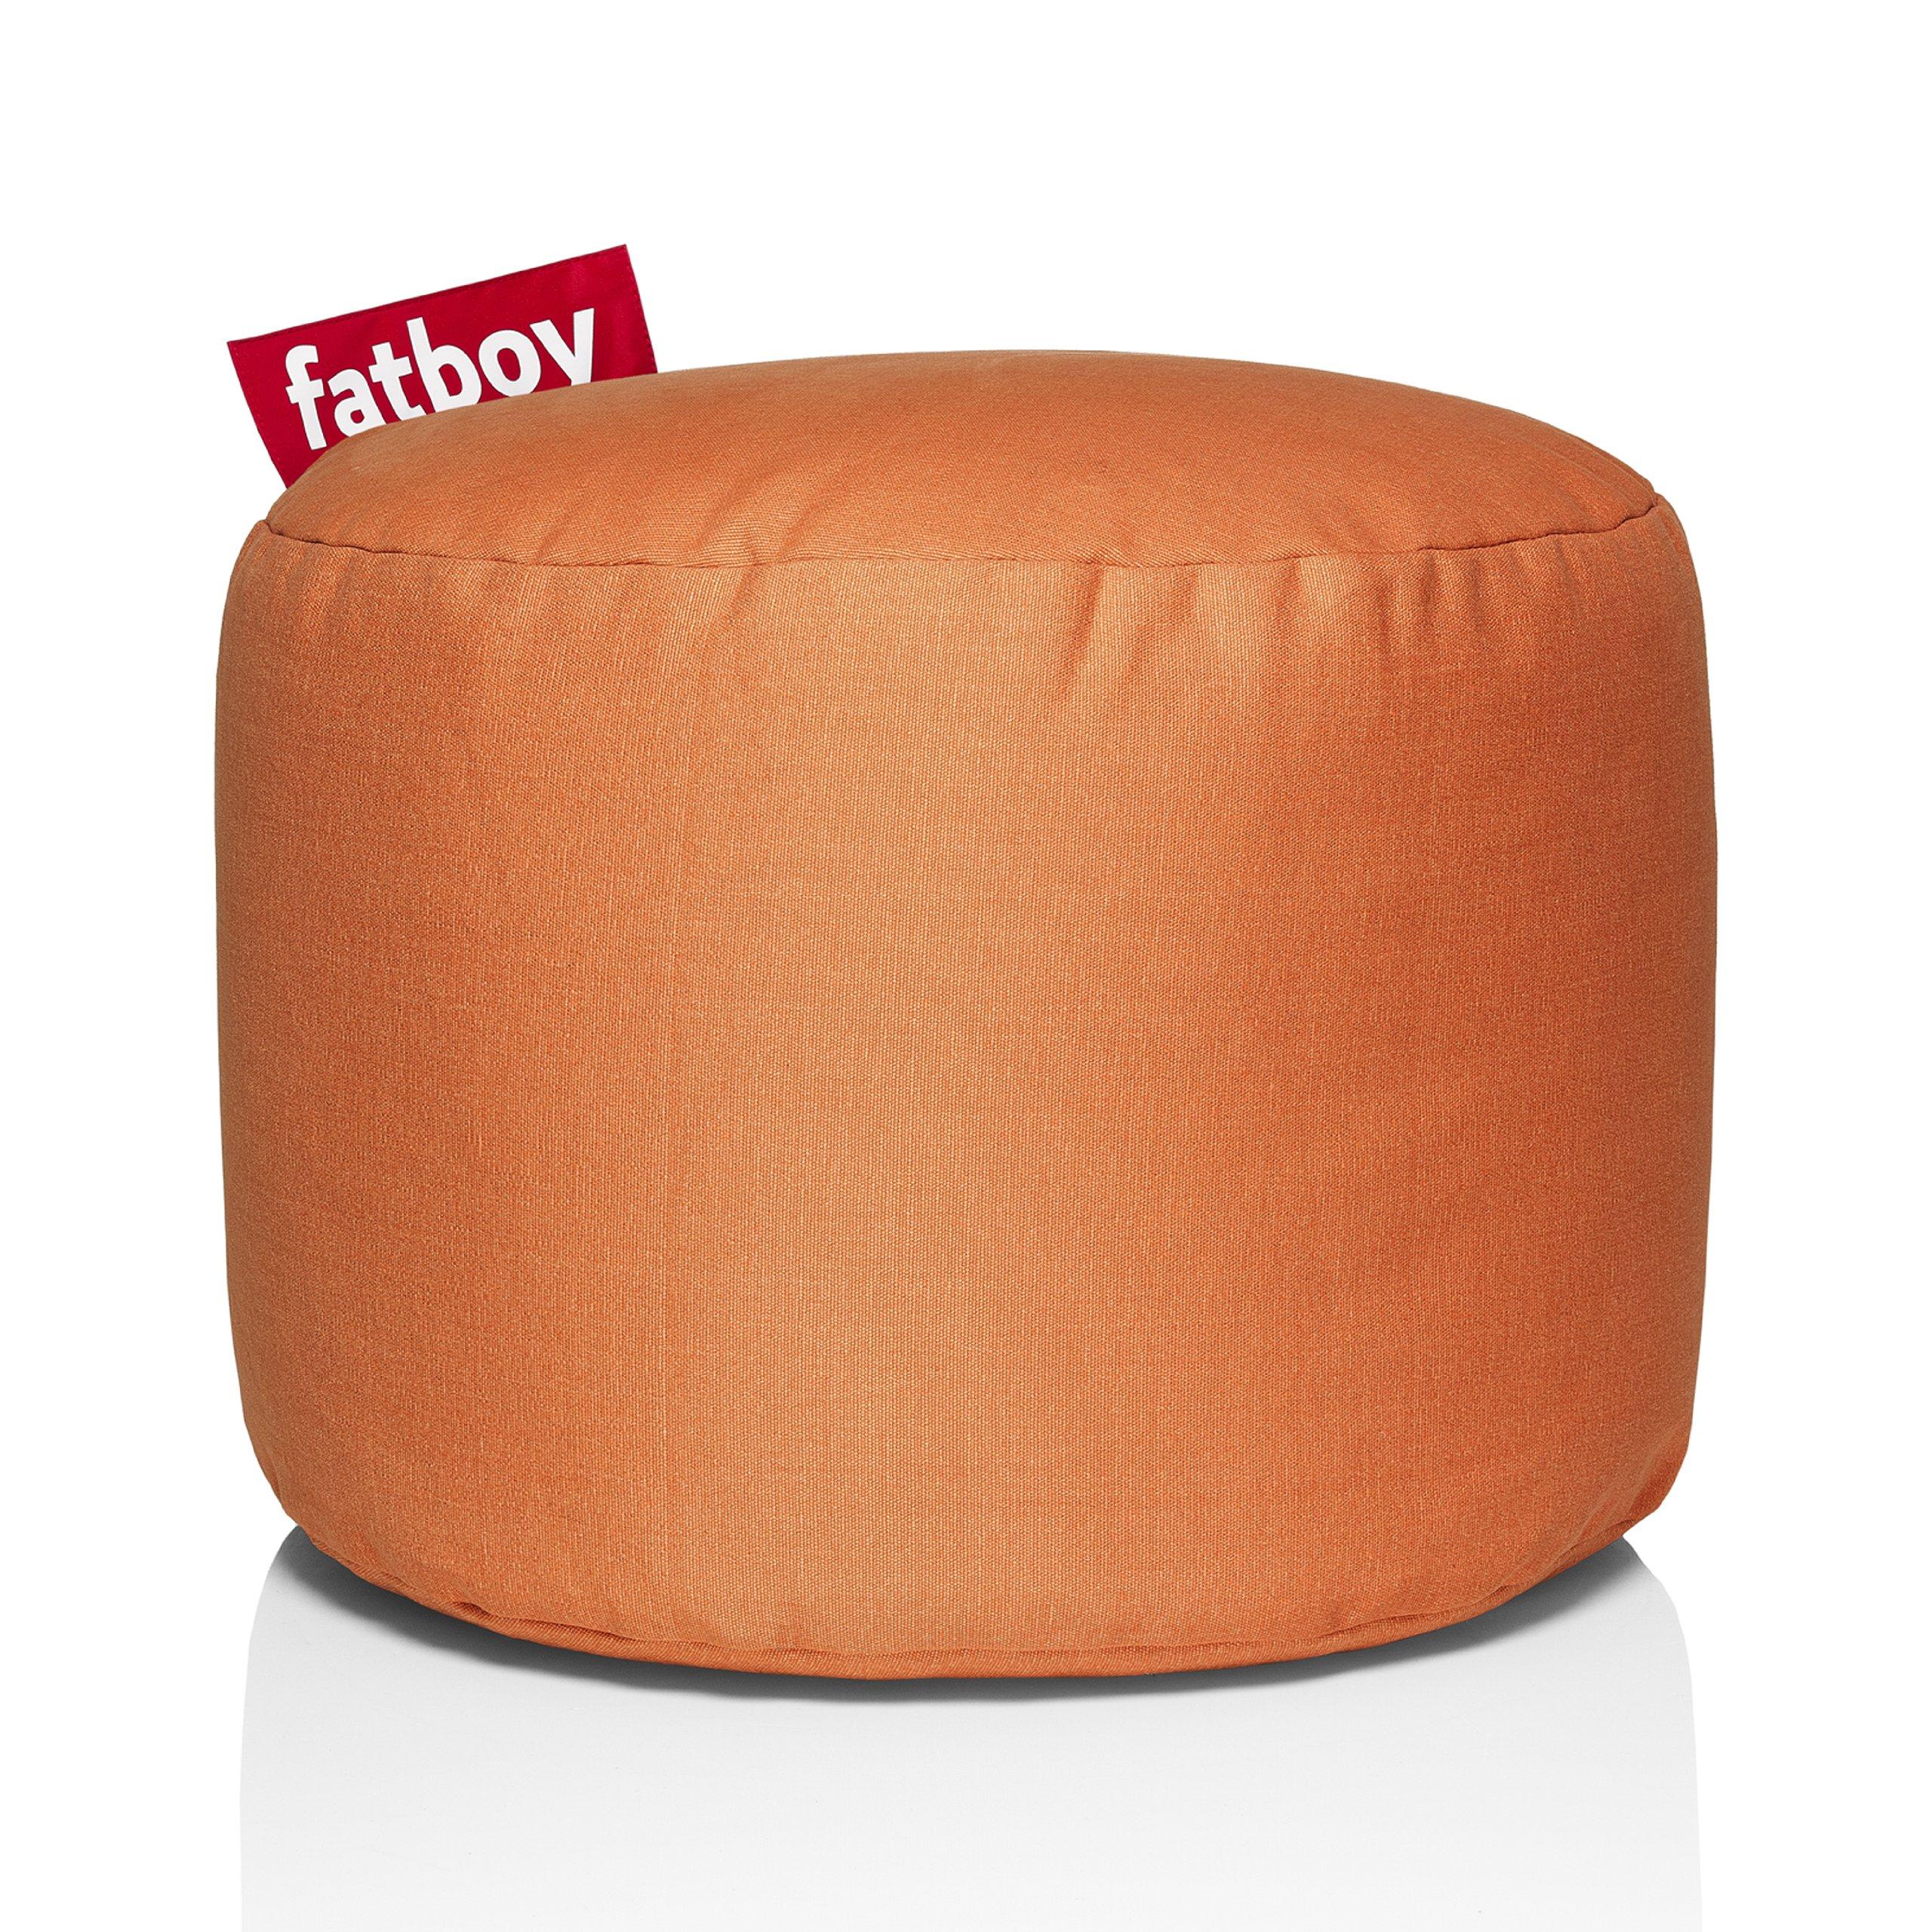 Fatboy Point Stonewashed Bean Bag, Orange by Fatboy